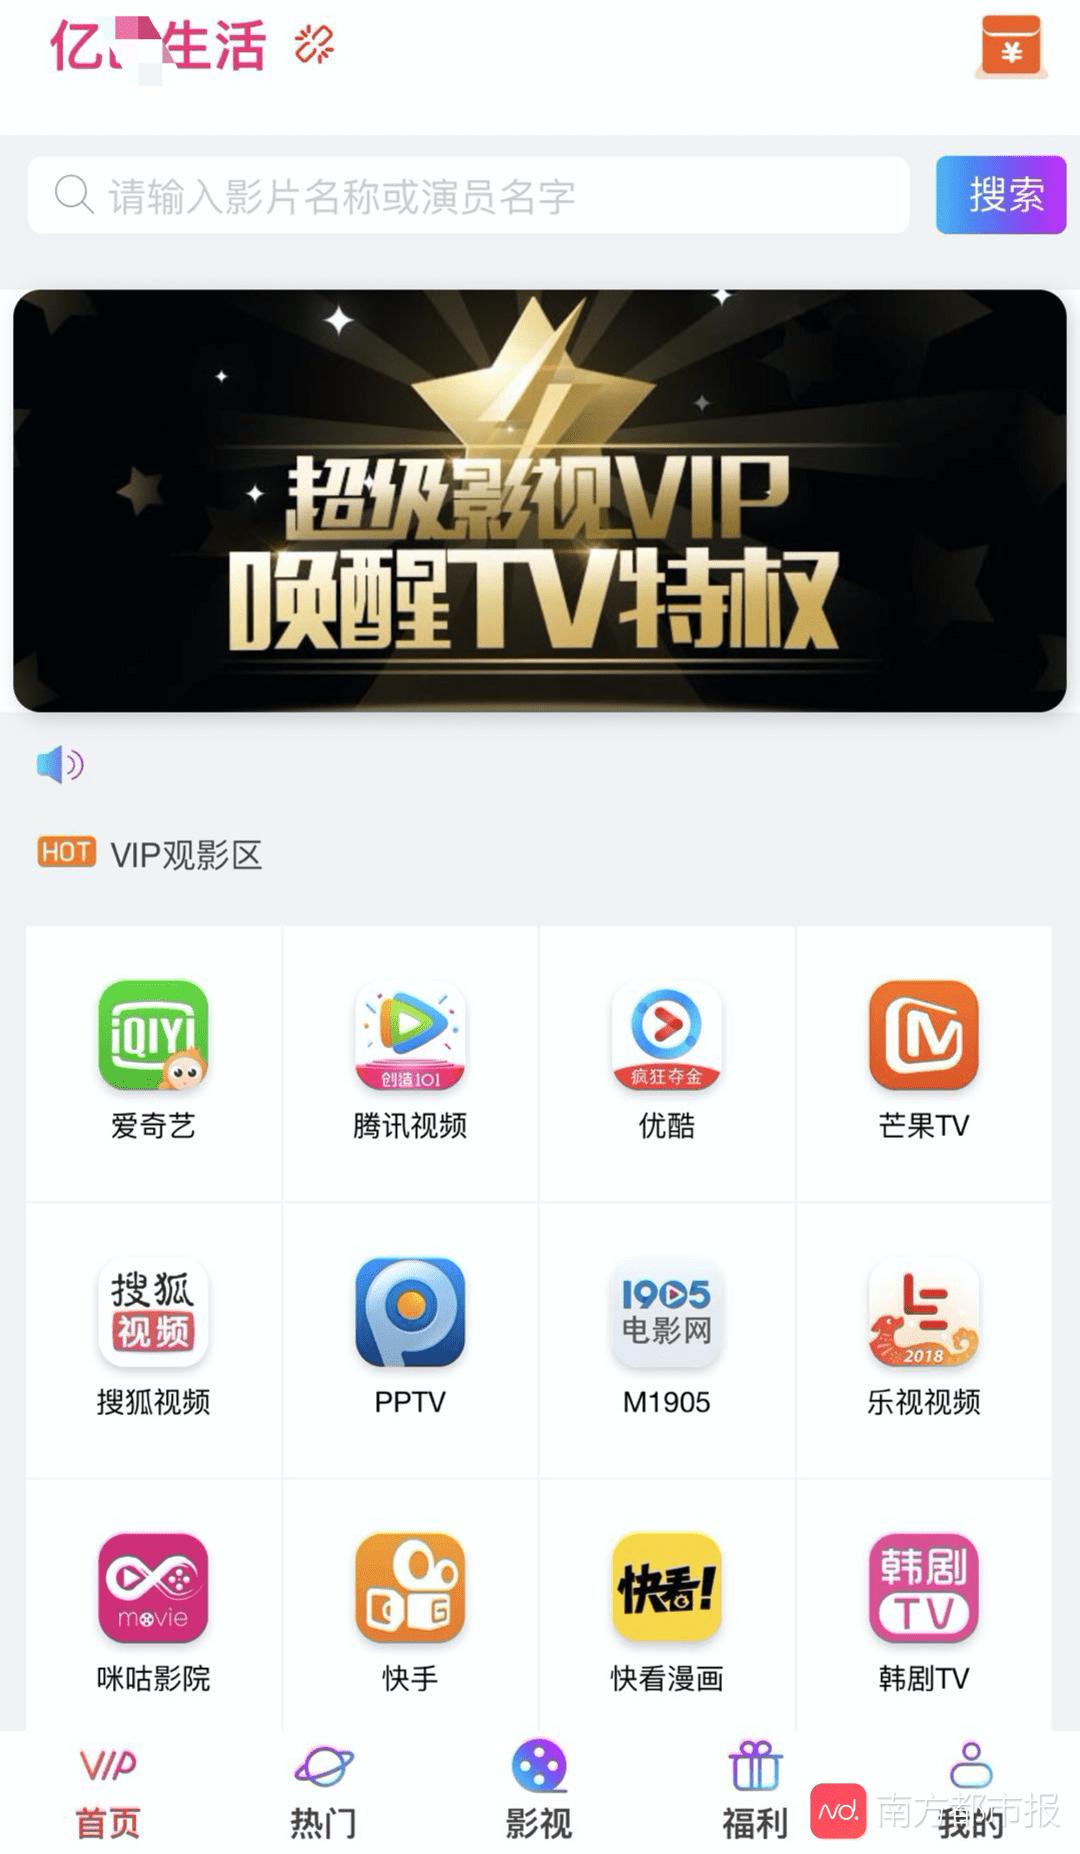 App|盗播产业链调查:一款App看遍各大平台,超前点播也可绕过